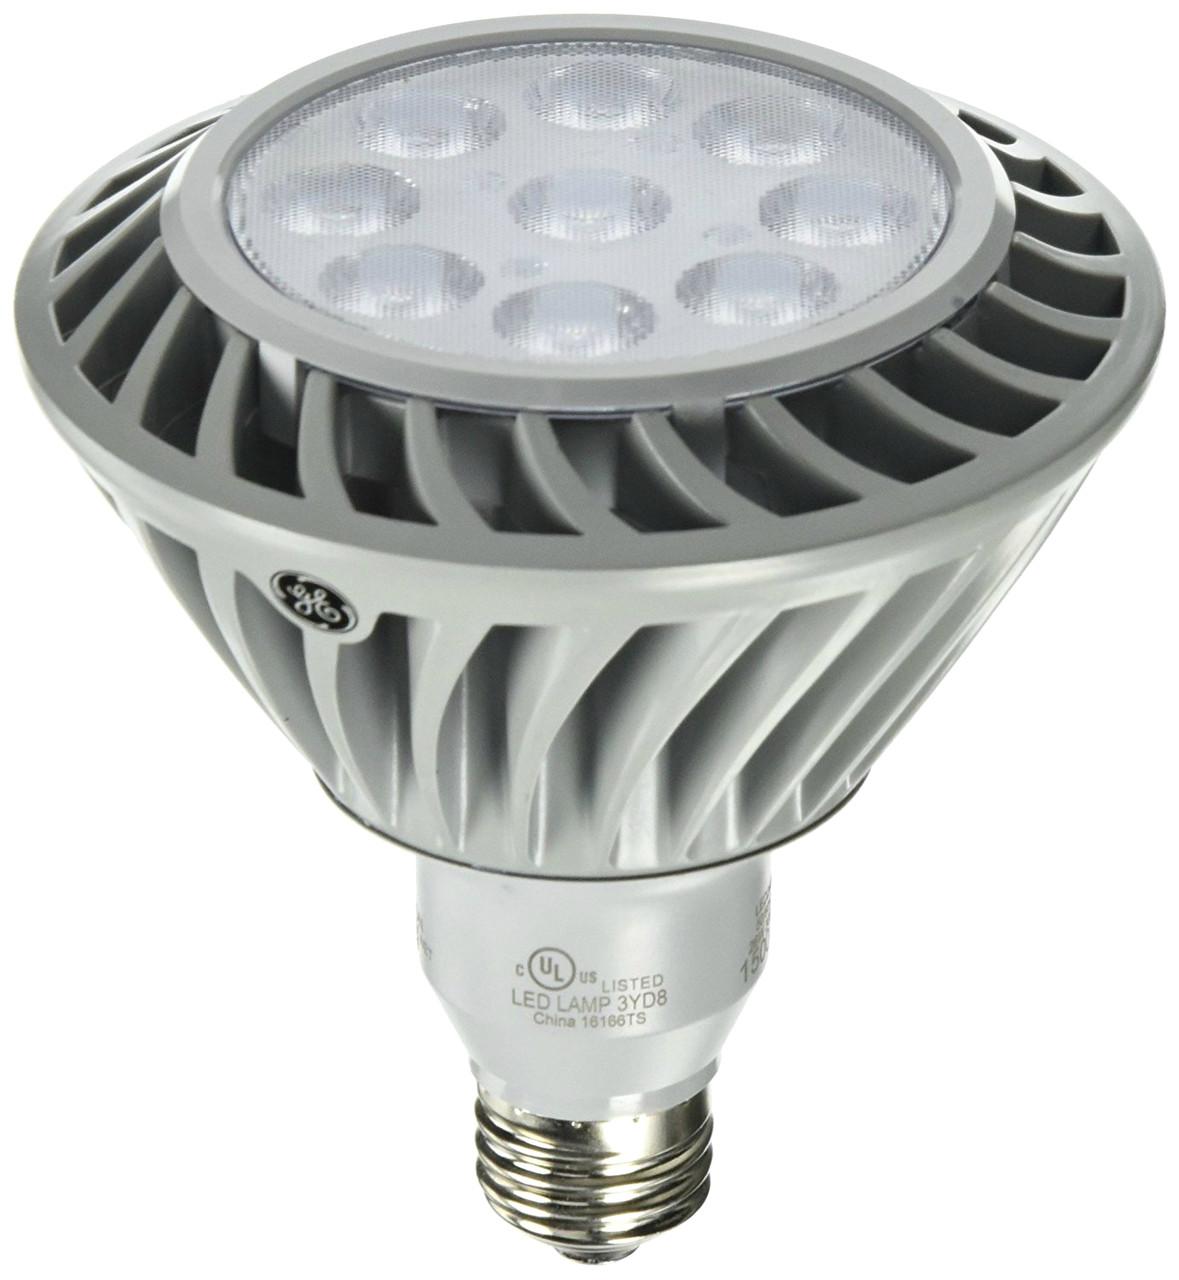 Lamp Com: GE LED26DP38S830/25 Par38 26 Watt LED Lamp